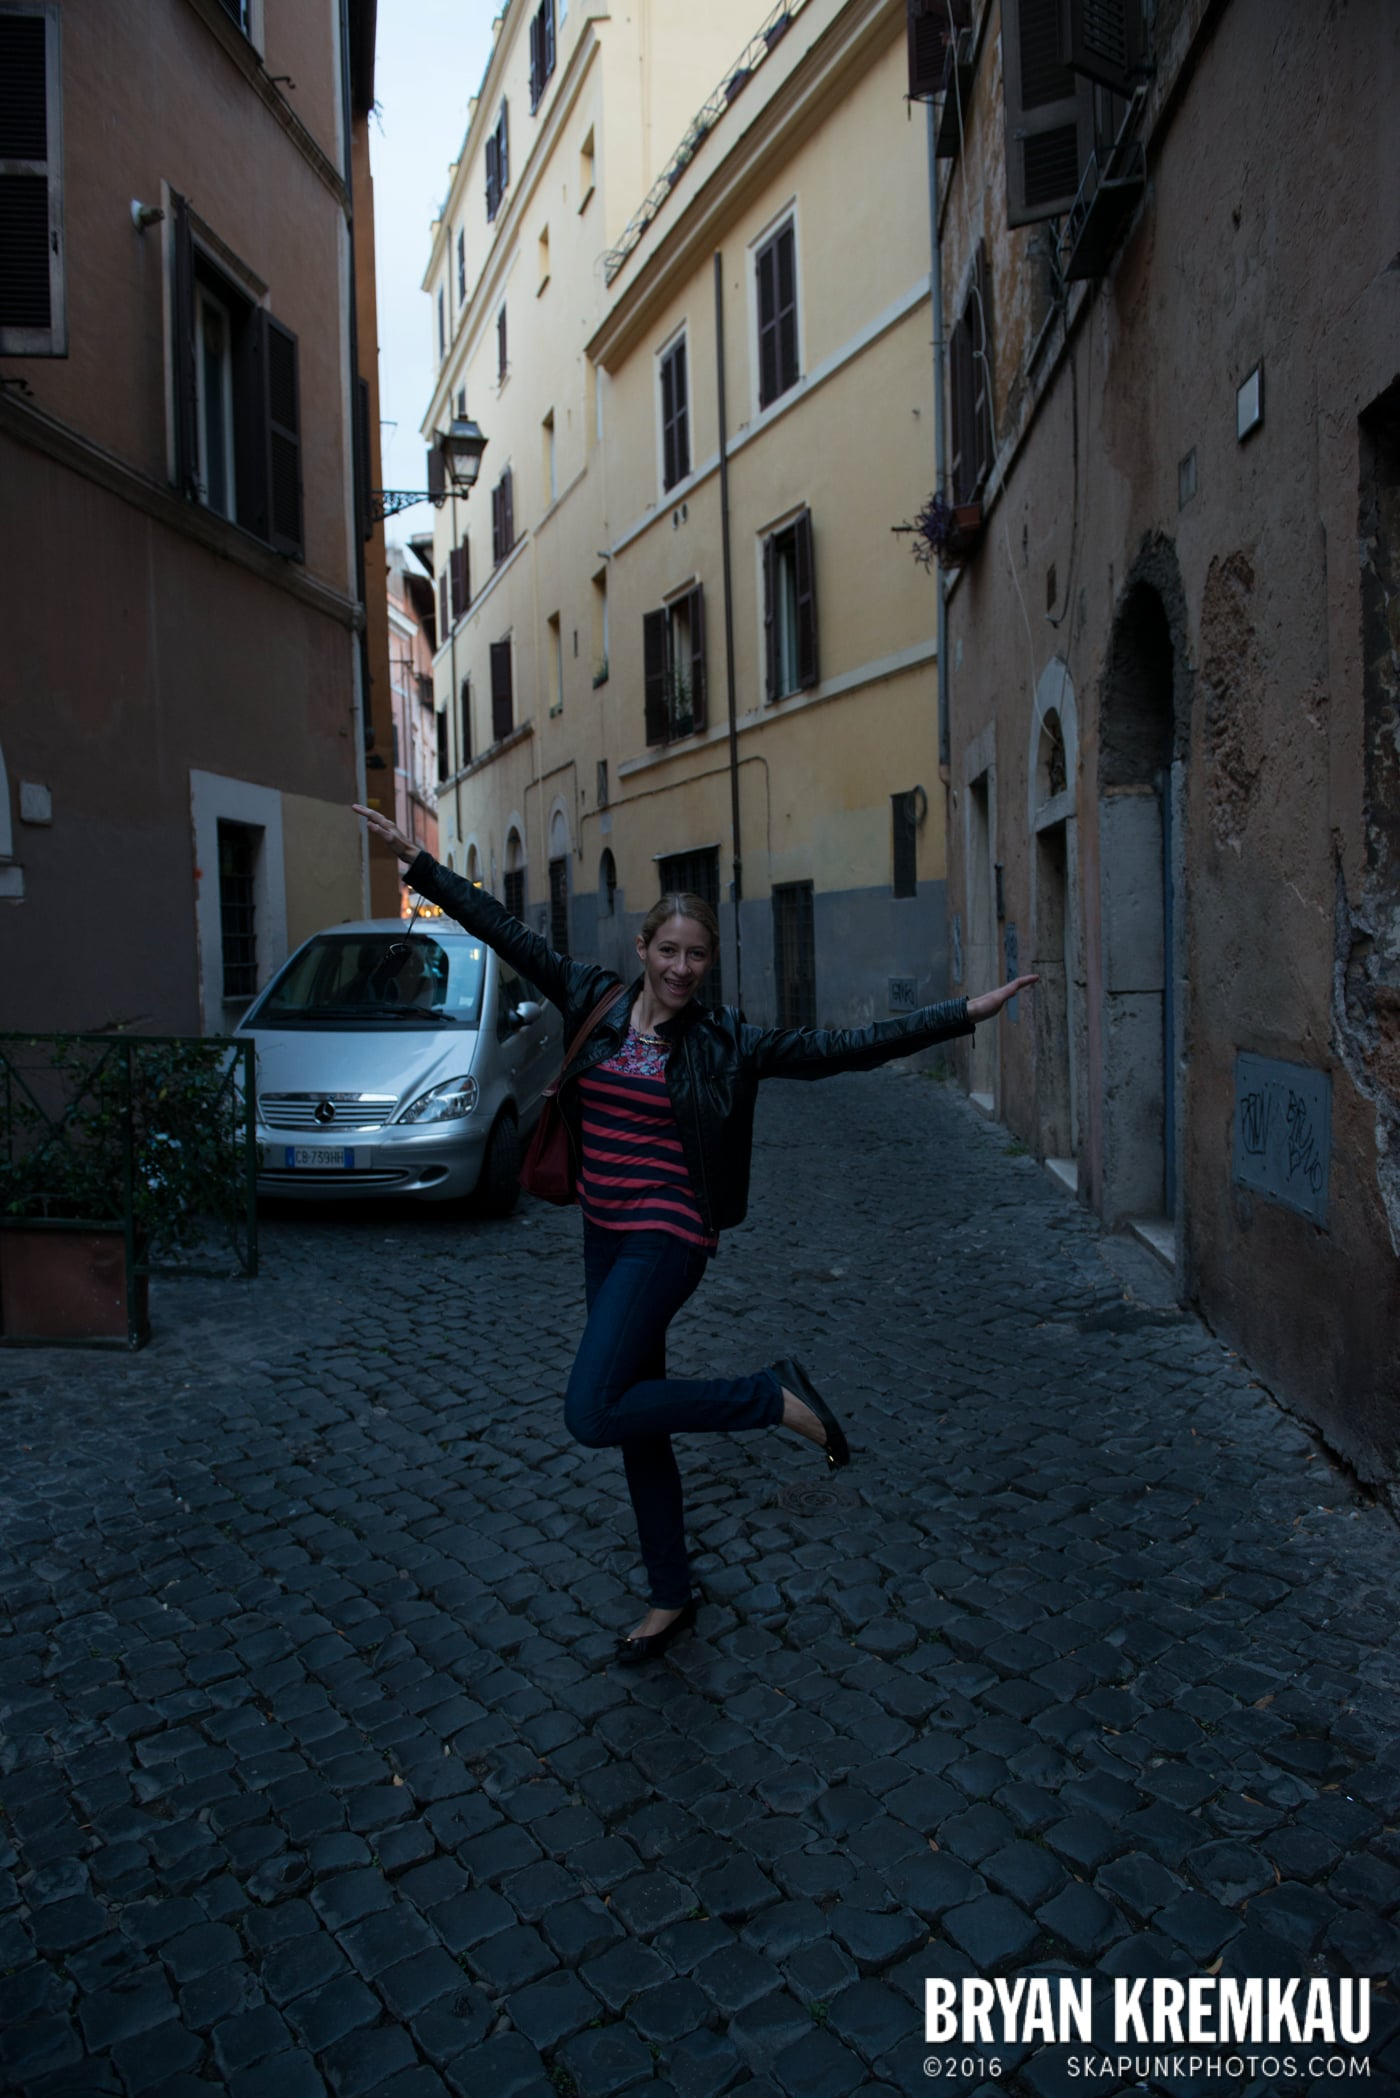 Italy Vacation - Day 2: Rome - 9.10.13 (23)